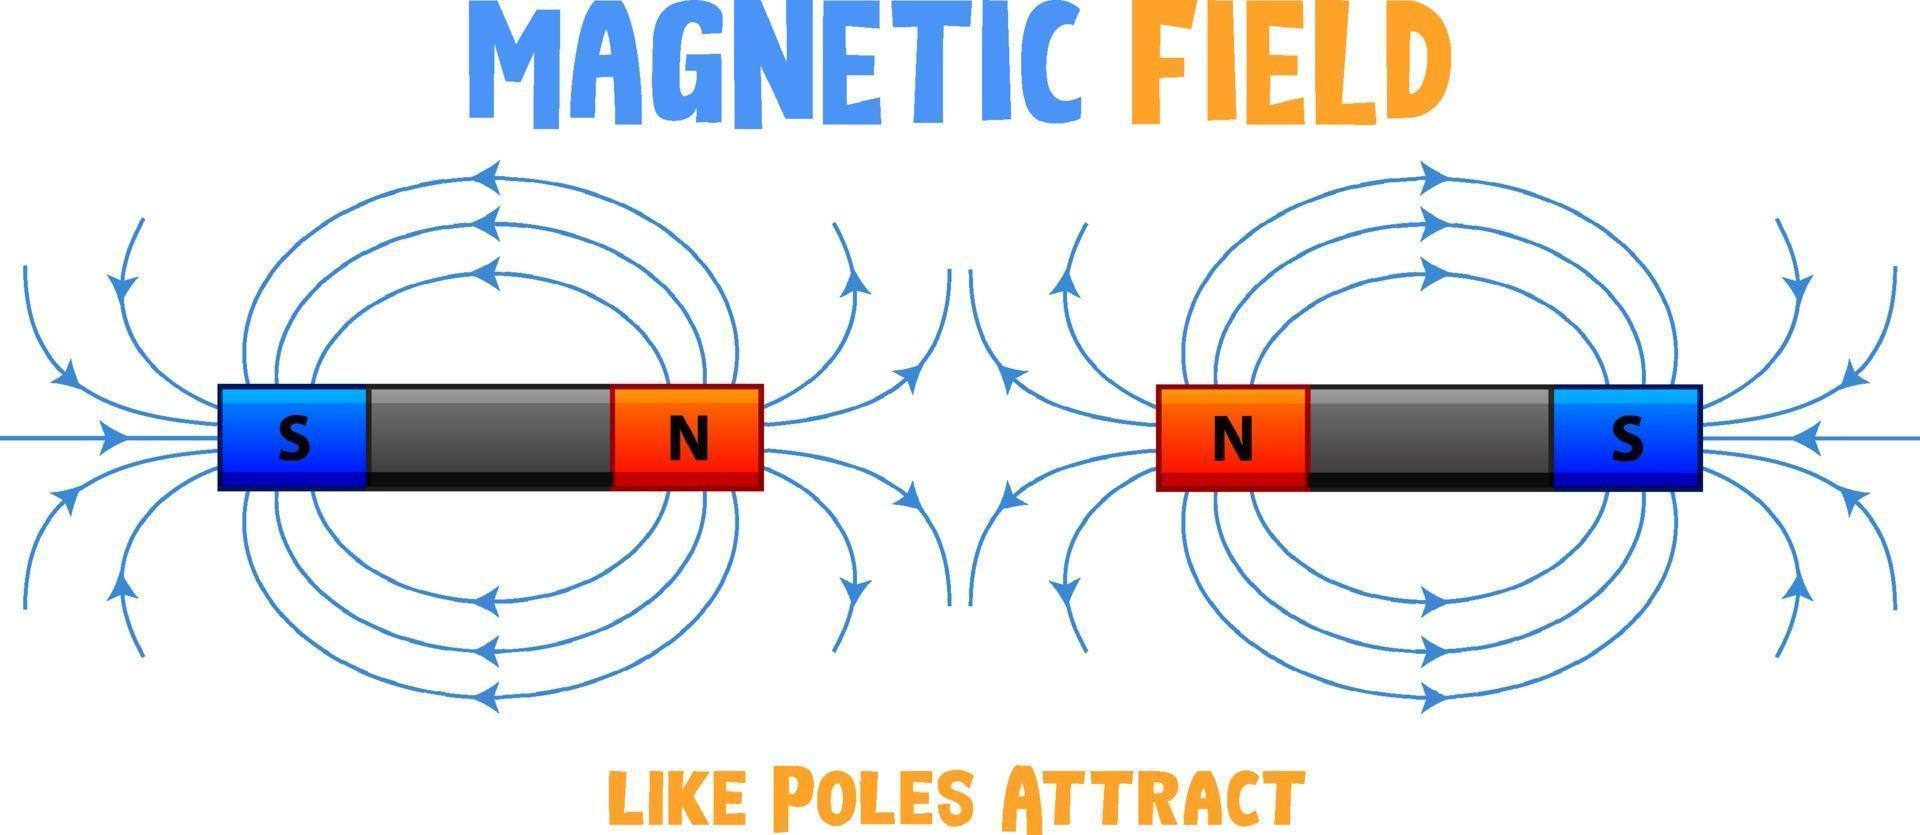 magnetfält med liknande poler lockar vektor